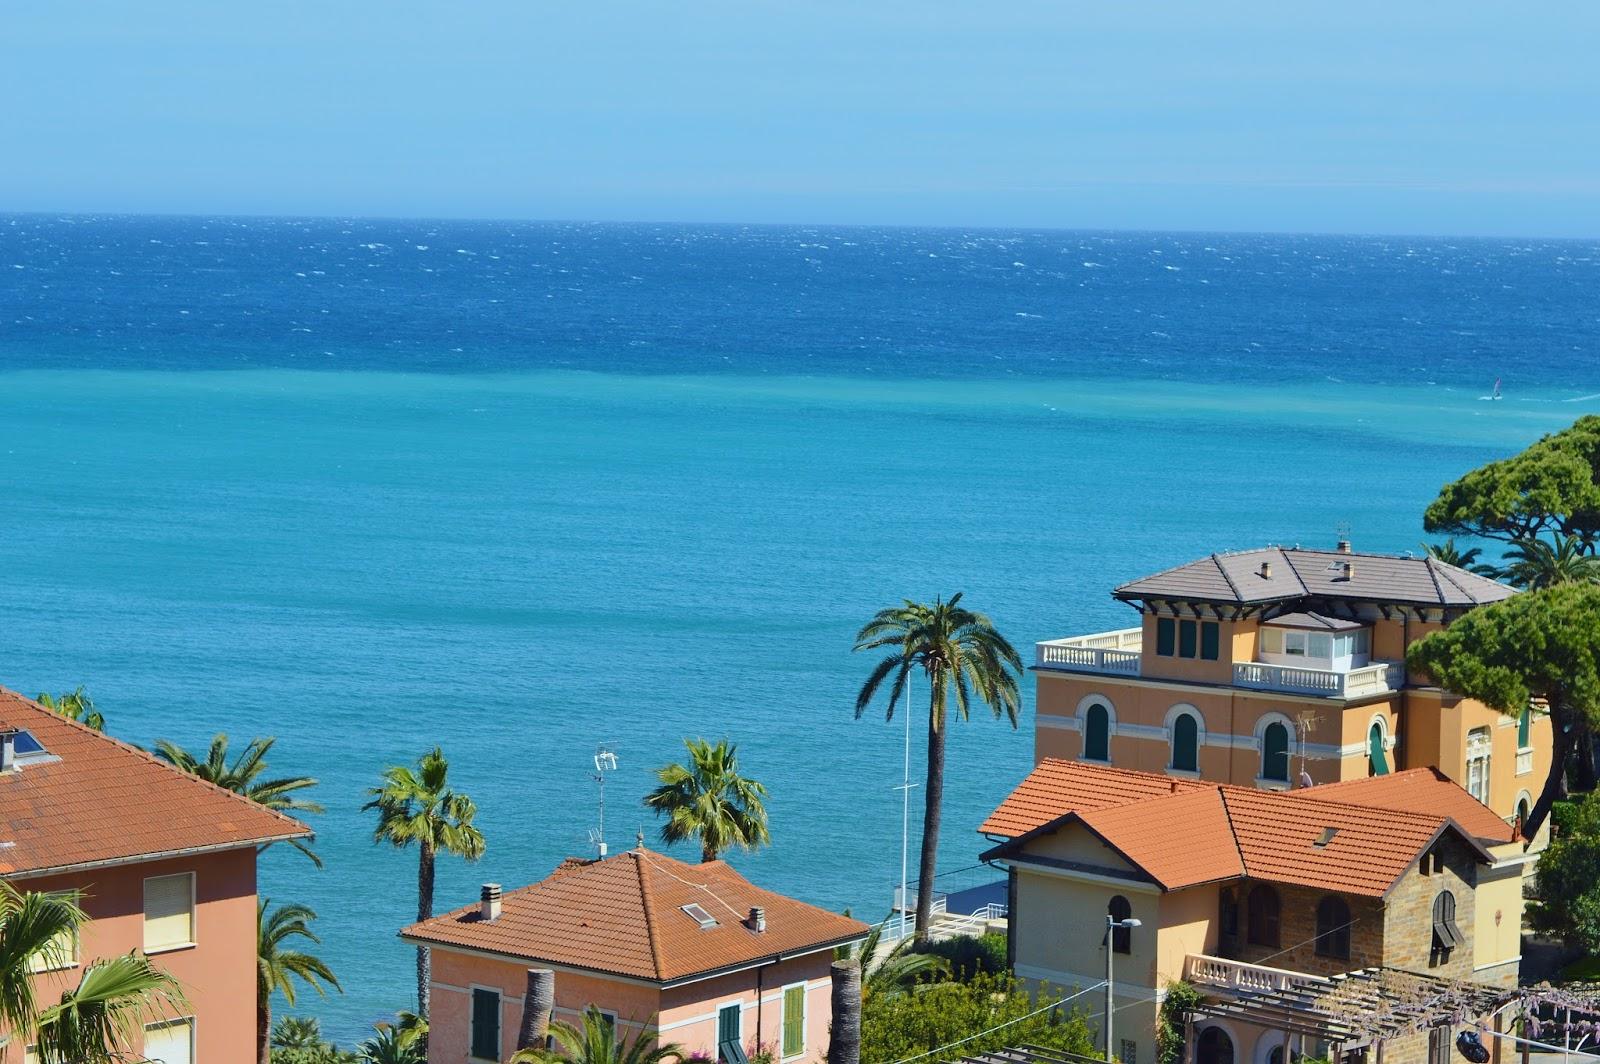 Diano Marina - Italy